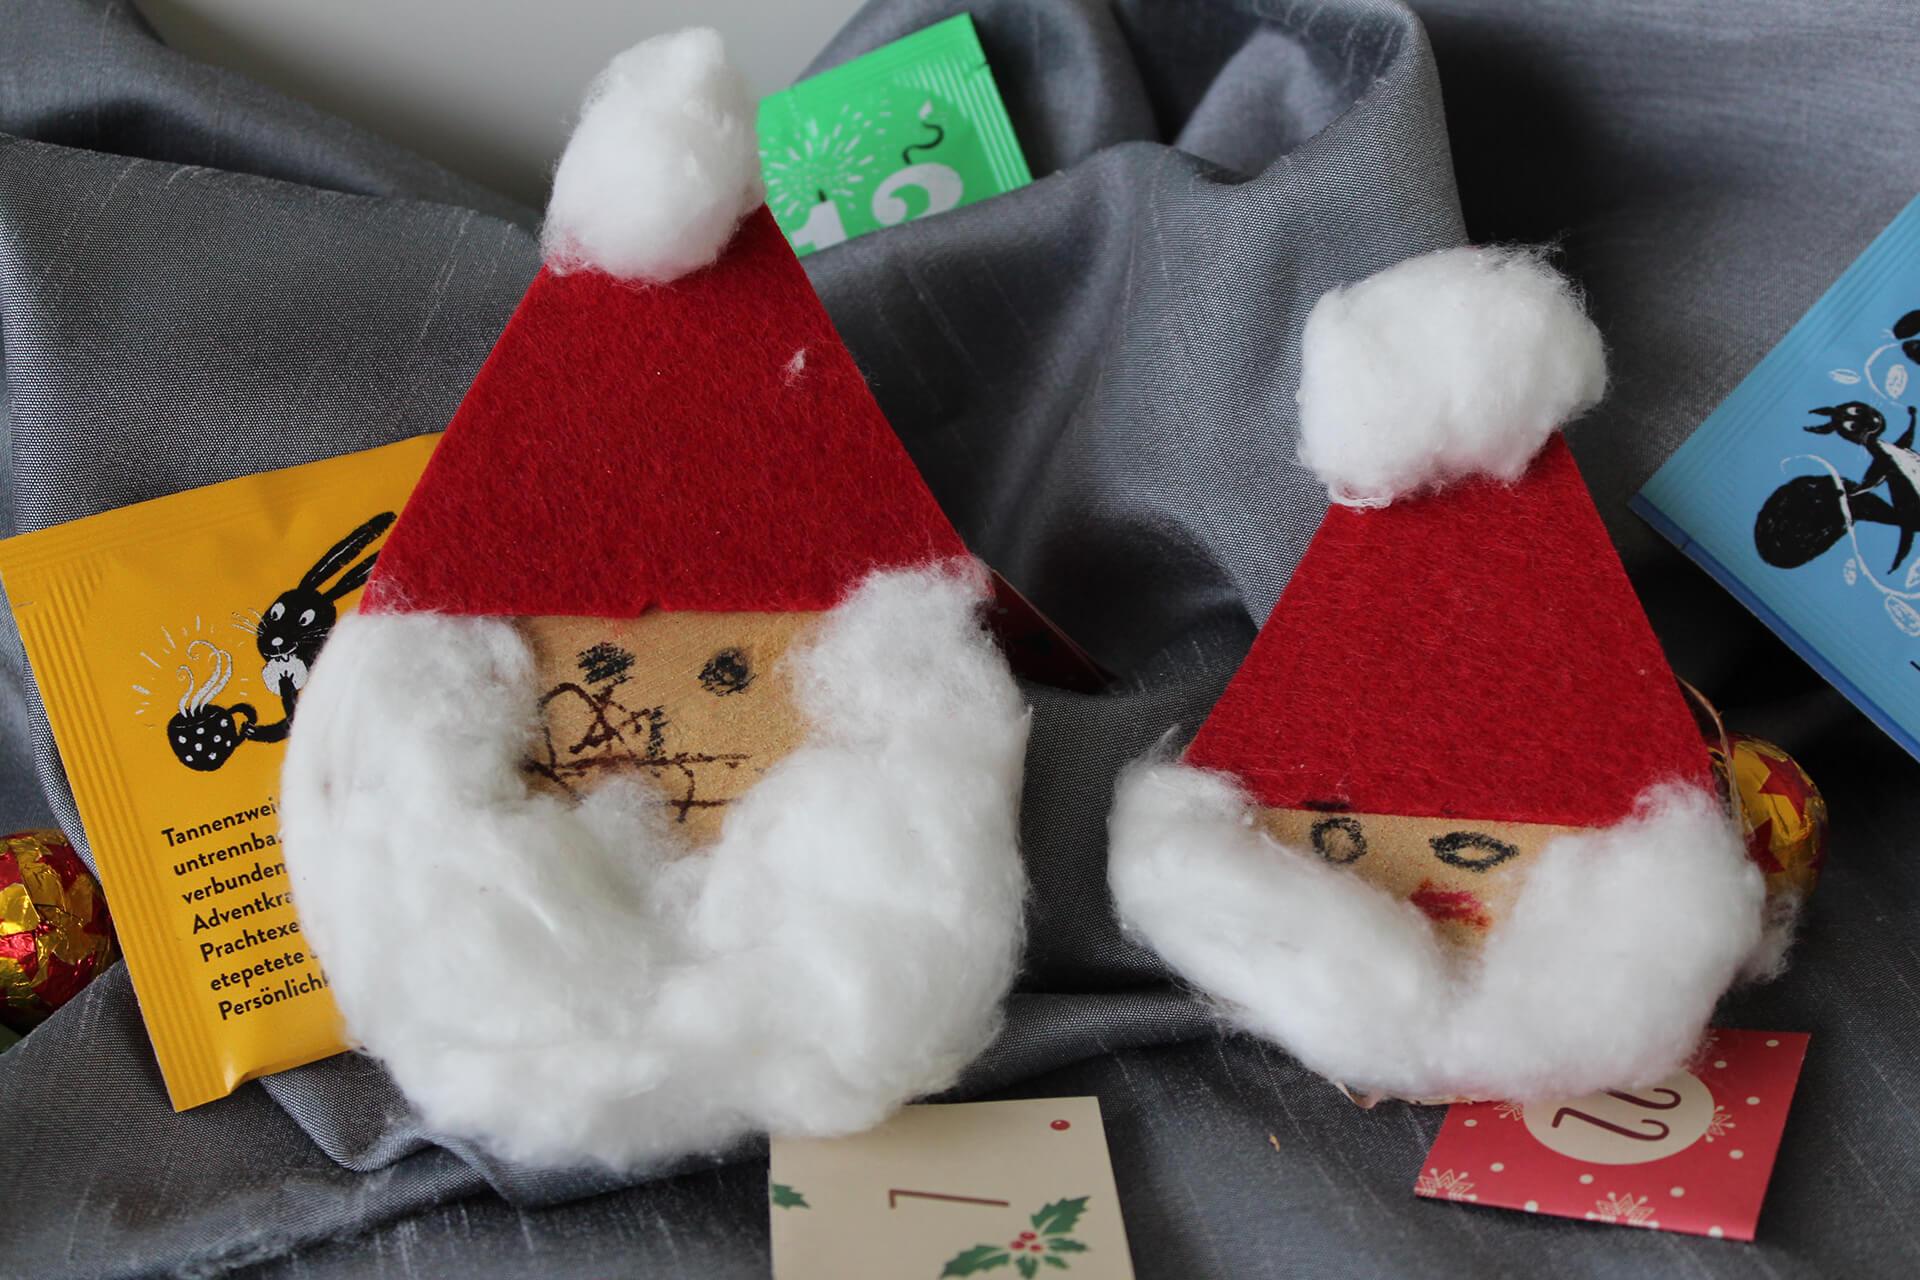 Selbst gebastelte Samichlaus-Köpfe haben Kinder der italienischen Kirchengemeinde Stäfa der Martin Stiftung geschenkt.